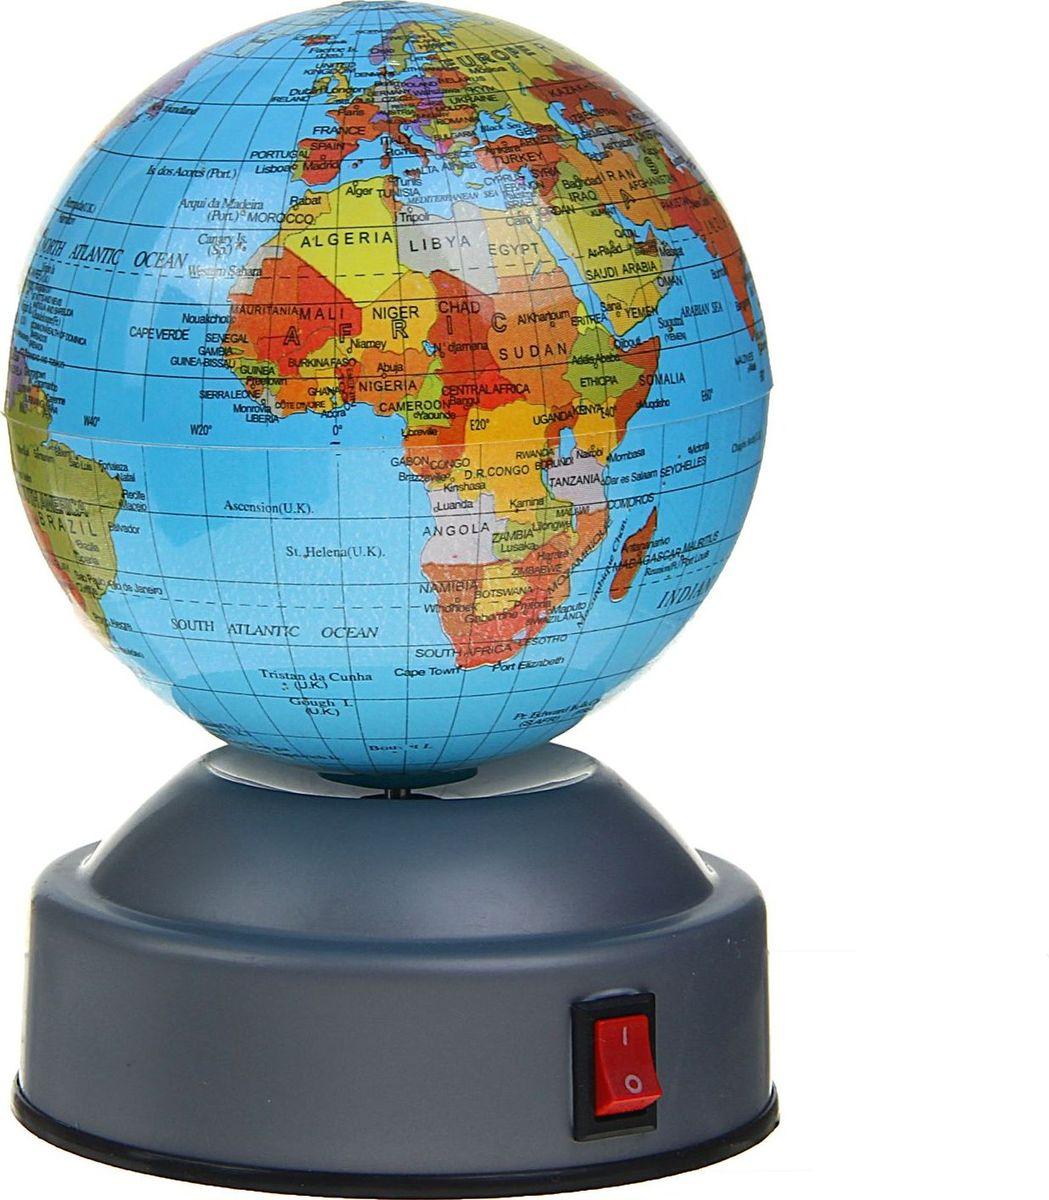 Глобус Политическая карта на английском языке диаметр 8 смFS-00897Данная модель дает представление о политическом устройстве мира. Макет показывает расположение государств, столиц и крупных населенных пунктов. Названия всех объектов приведены на английском языке. Страны окрашены в разные цвета, чтобы вам было удобнее ориентироваться. На глобусе отображены: экватор параллели меридианы градусы государственные границы. Характеристики Высота глобуса с подставкой: 12 см. Диаметр: 8 см. Изделие изготовлено из прочного пластика.